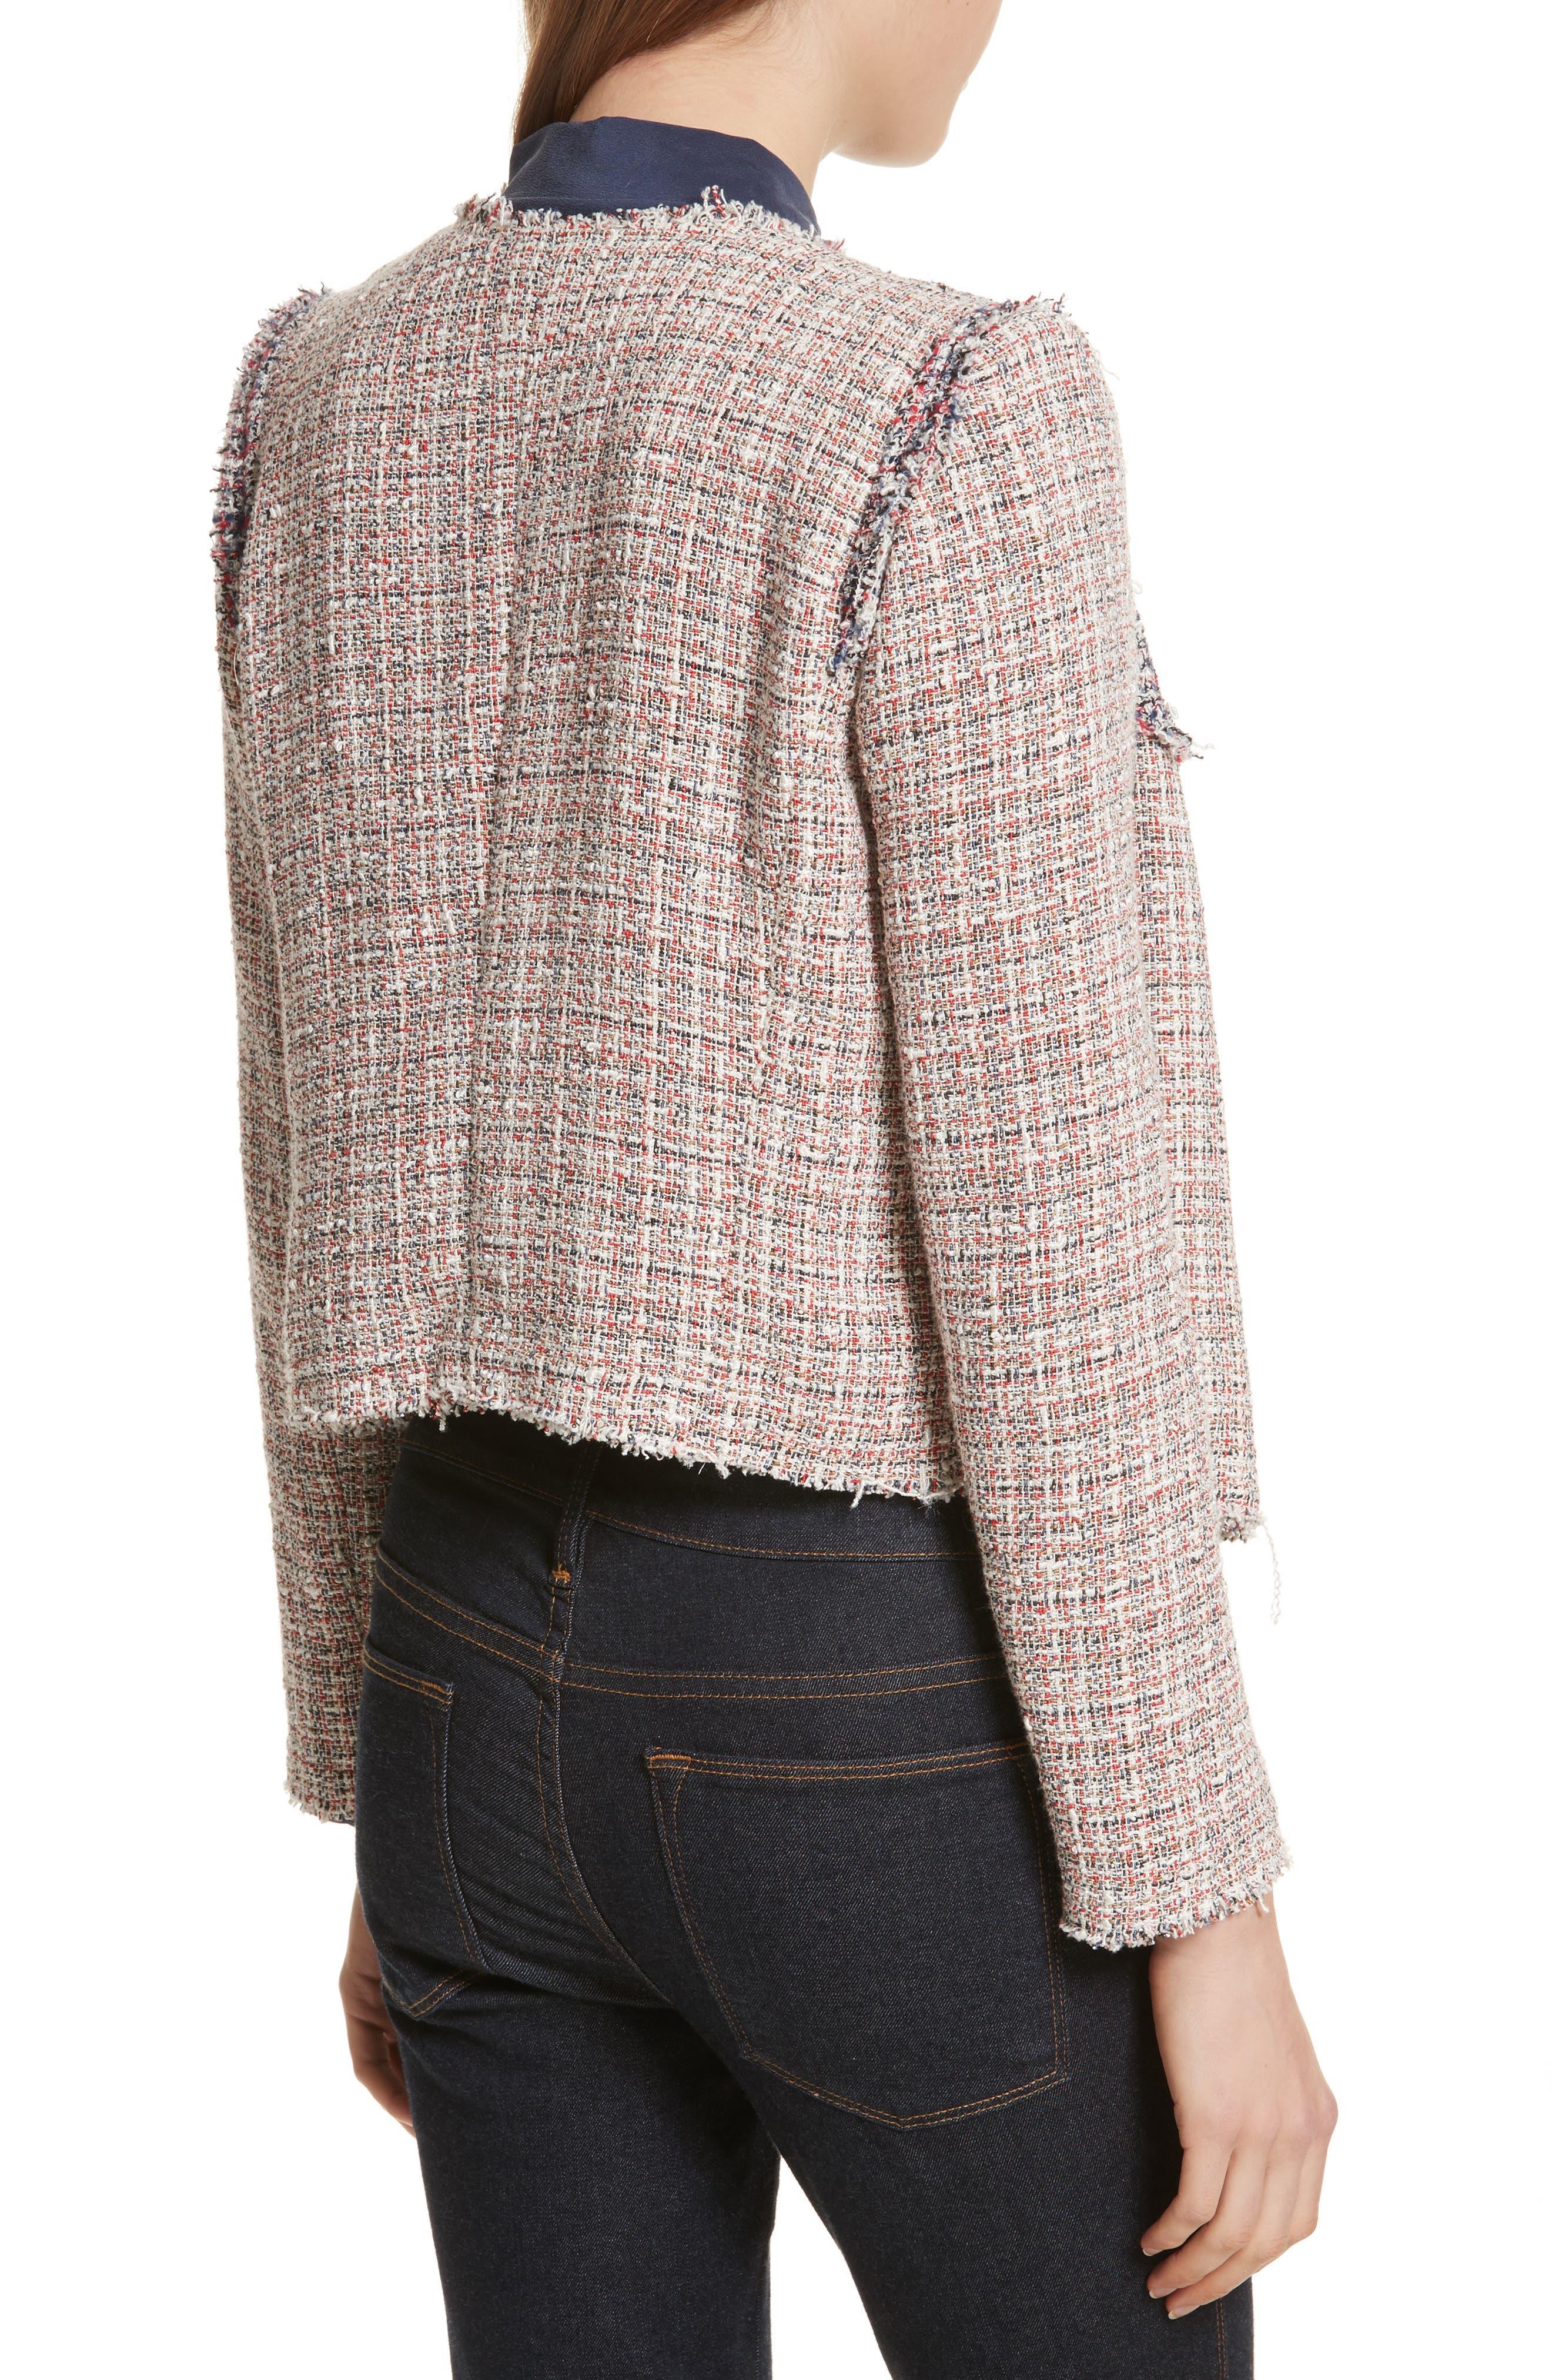 Walefa Tweed Jacket,                             Alternate thumbnail 2, color,                             651